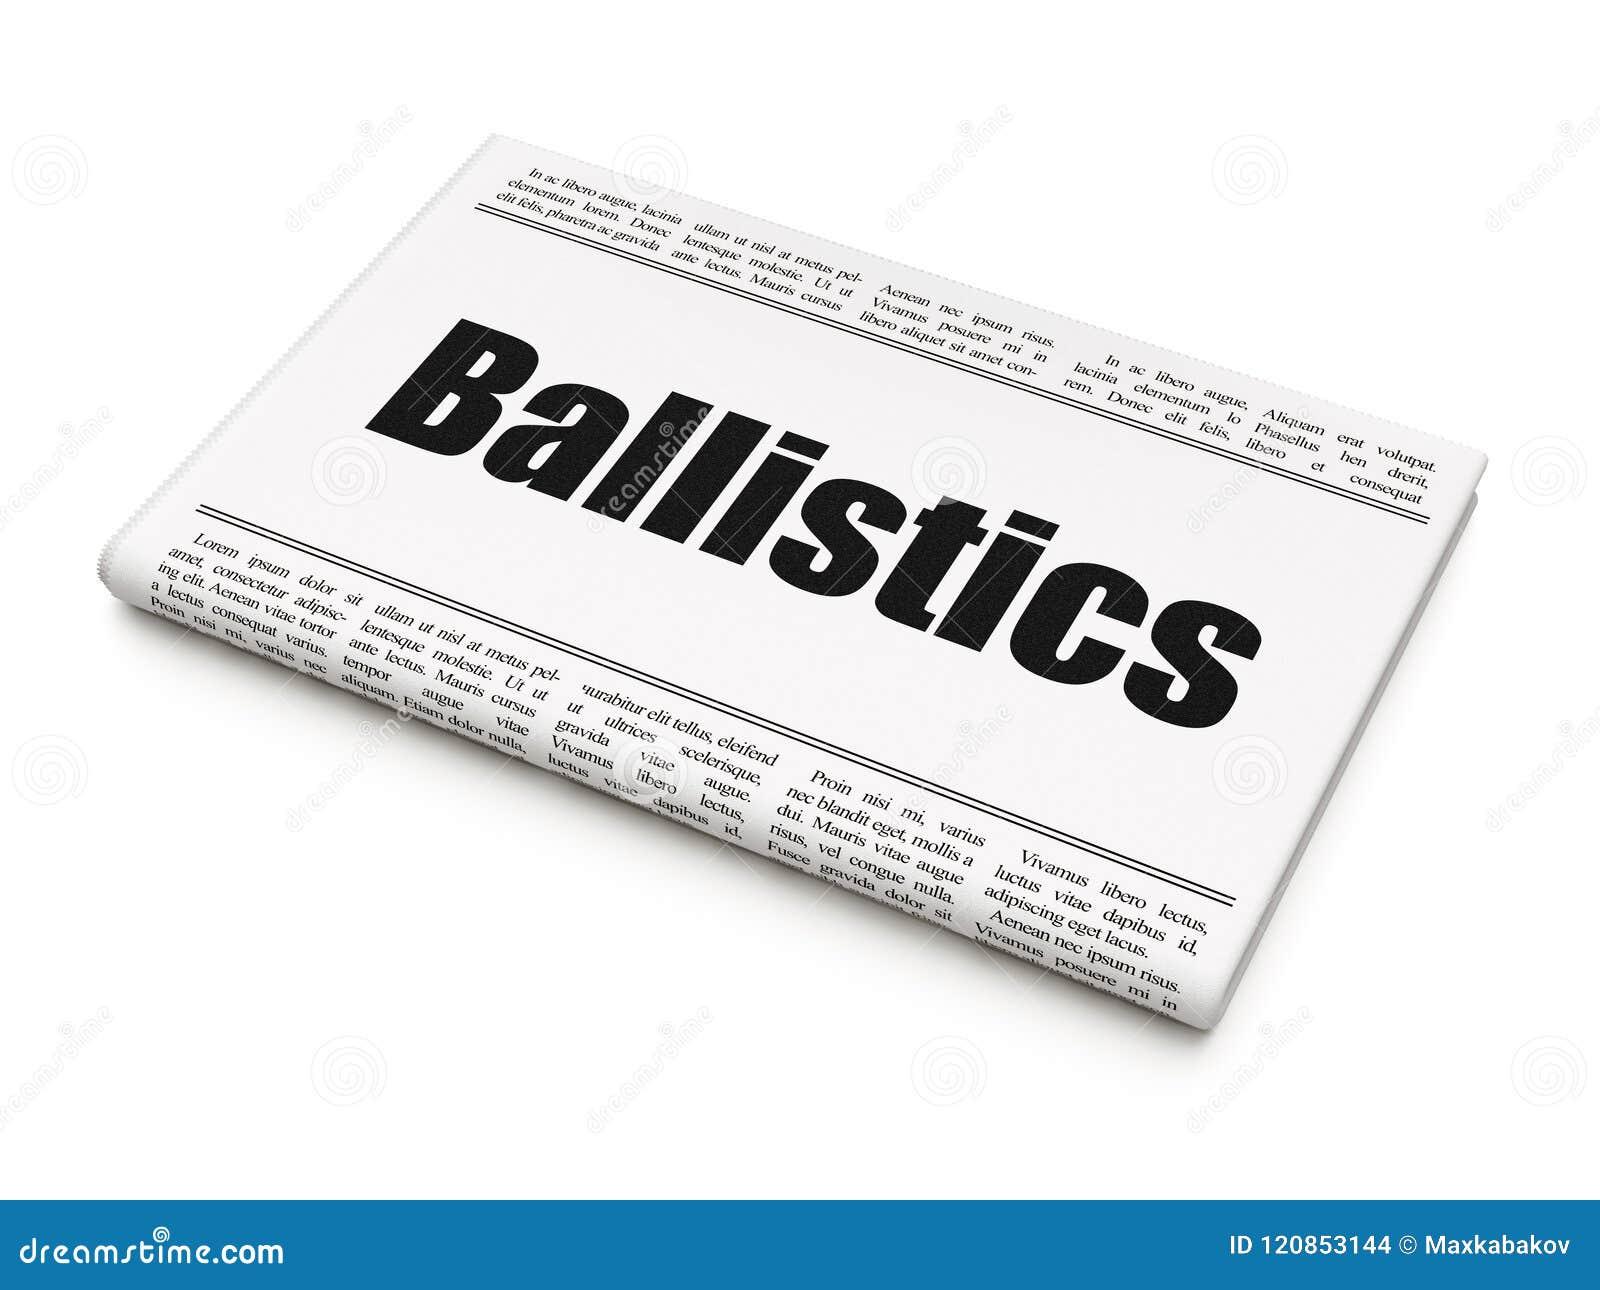 Wetenschapsconcept: de Ballistiek van de krantenkrantekop